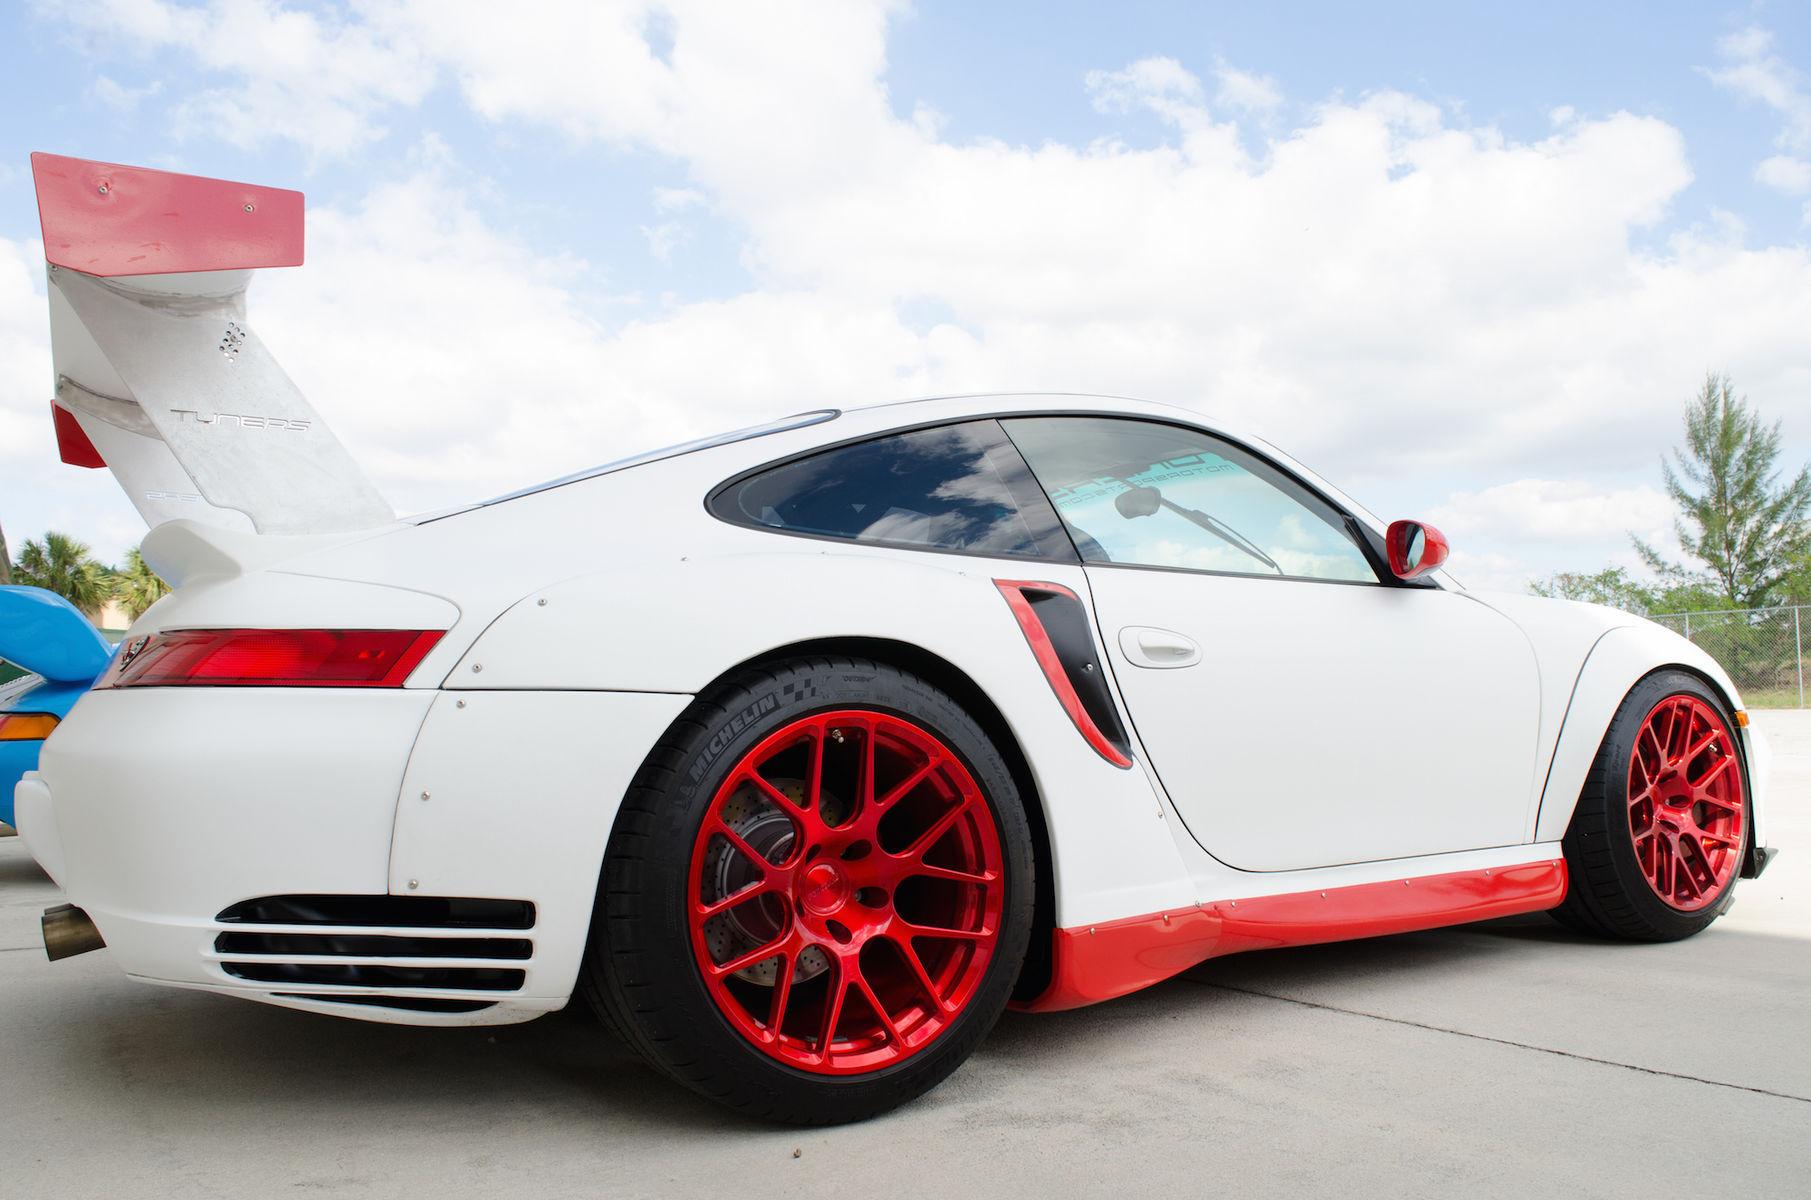 2001 Porsche 911 | TuneRS Motorsports' Porsche 996 Turbo on Forgeline One Piece Forged Monoblock SE1 Wheels